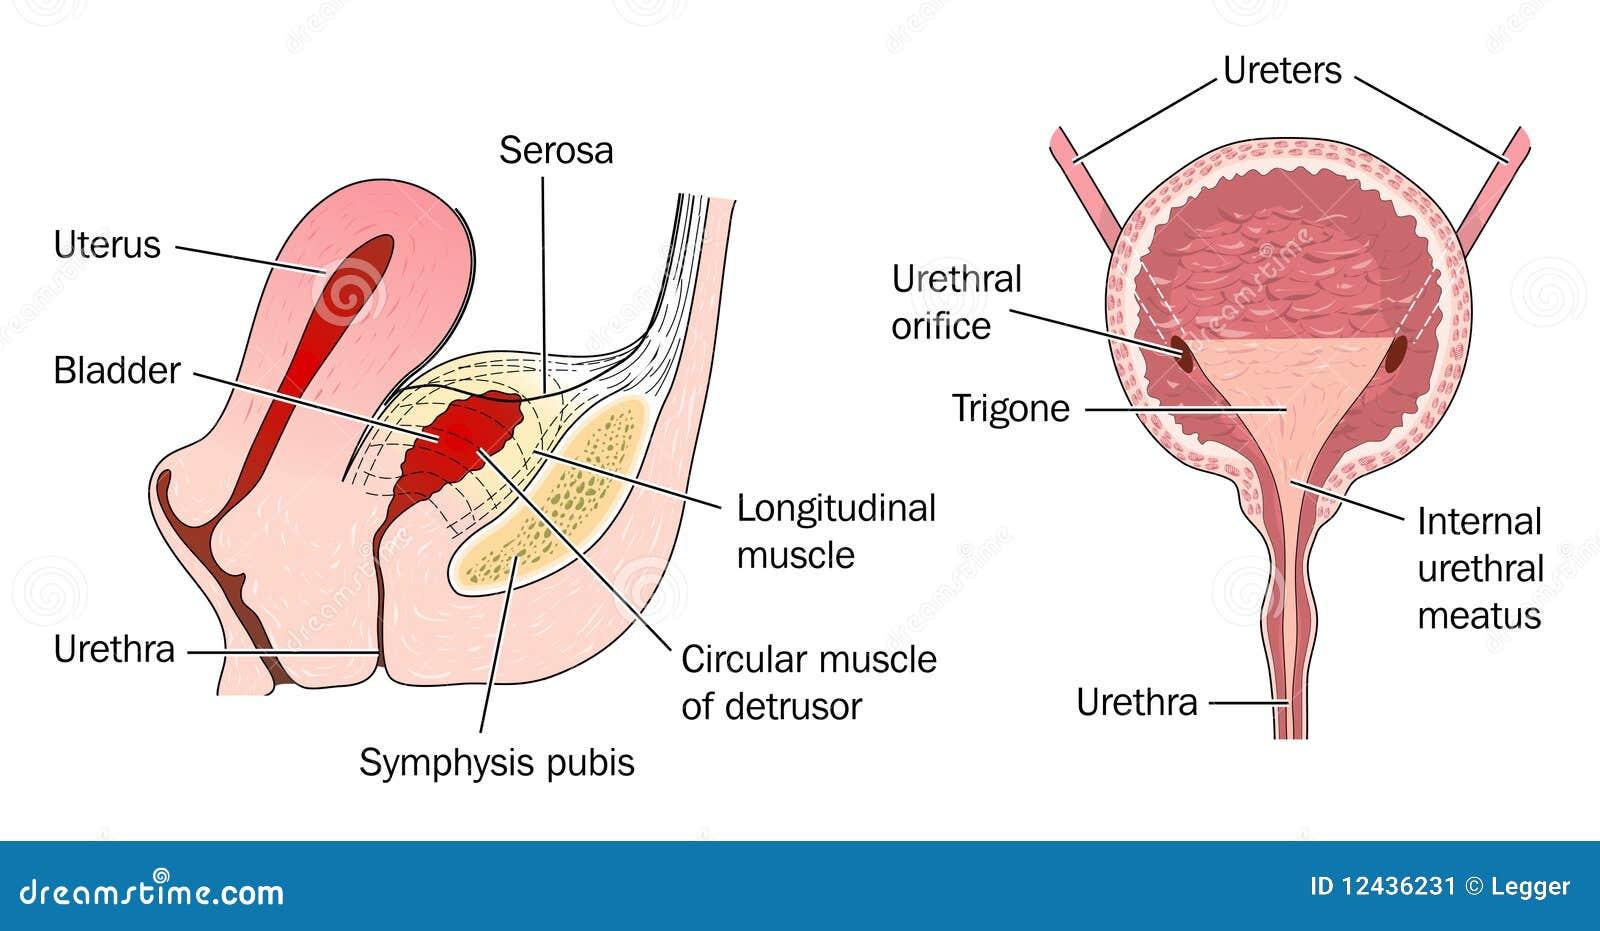 Lujo Anatomía Del útero De Vídeo Elaboración - Imágenes de Anatomía ...